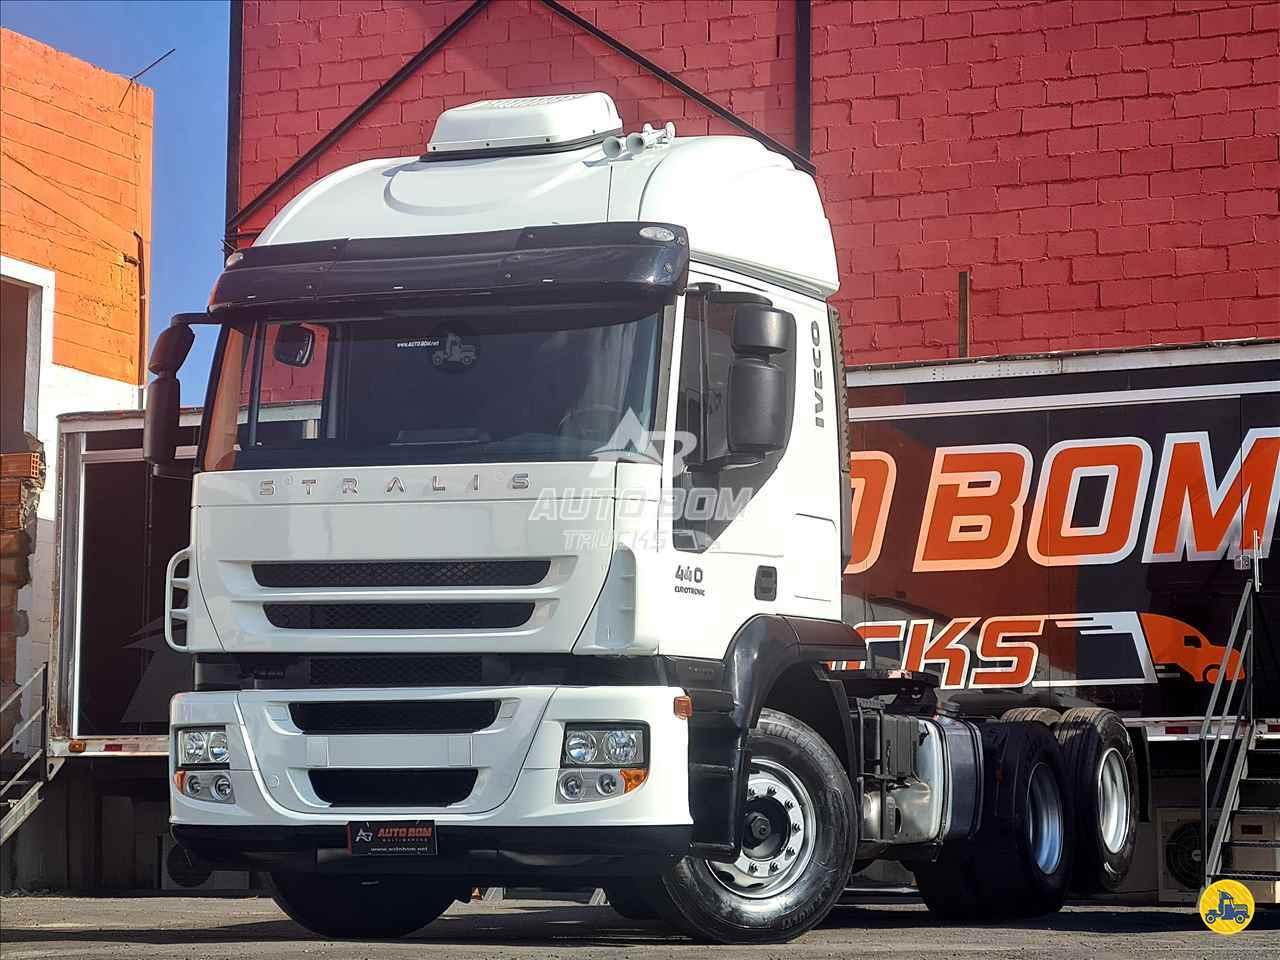 CAMINHAO IVECO STRALIS 440 Cavalo Mecânico Truck 6x2 Autobom Trucks CONTAGEM MINAS GERAIS MG